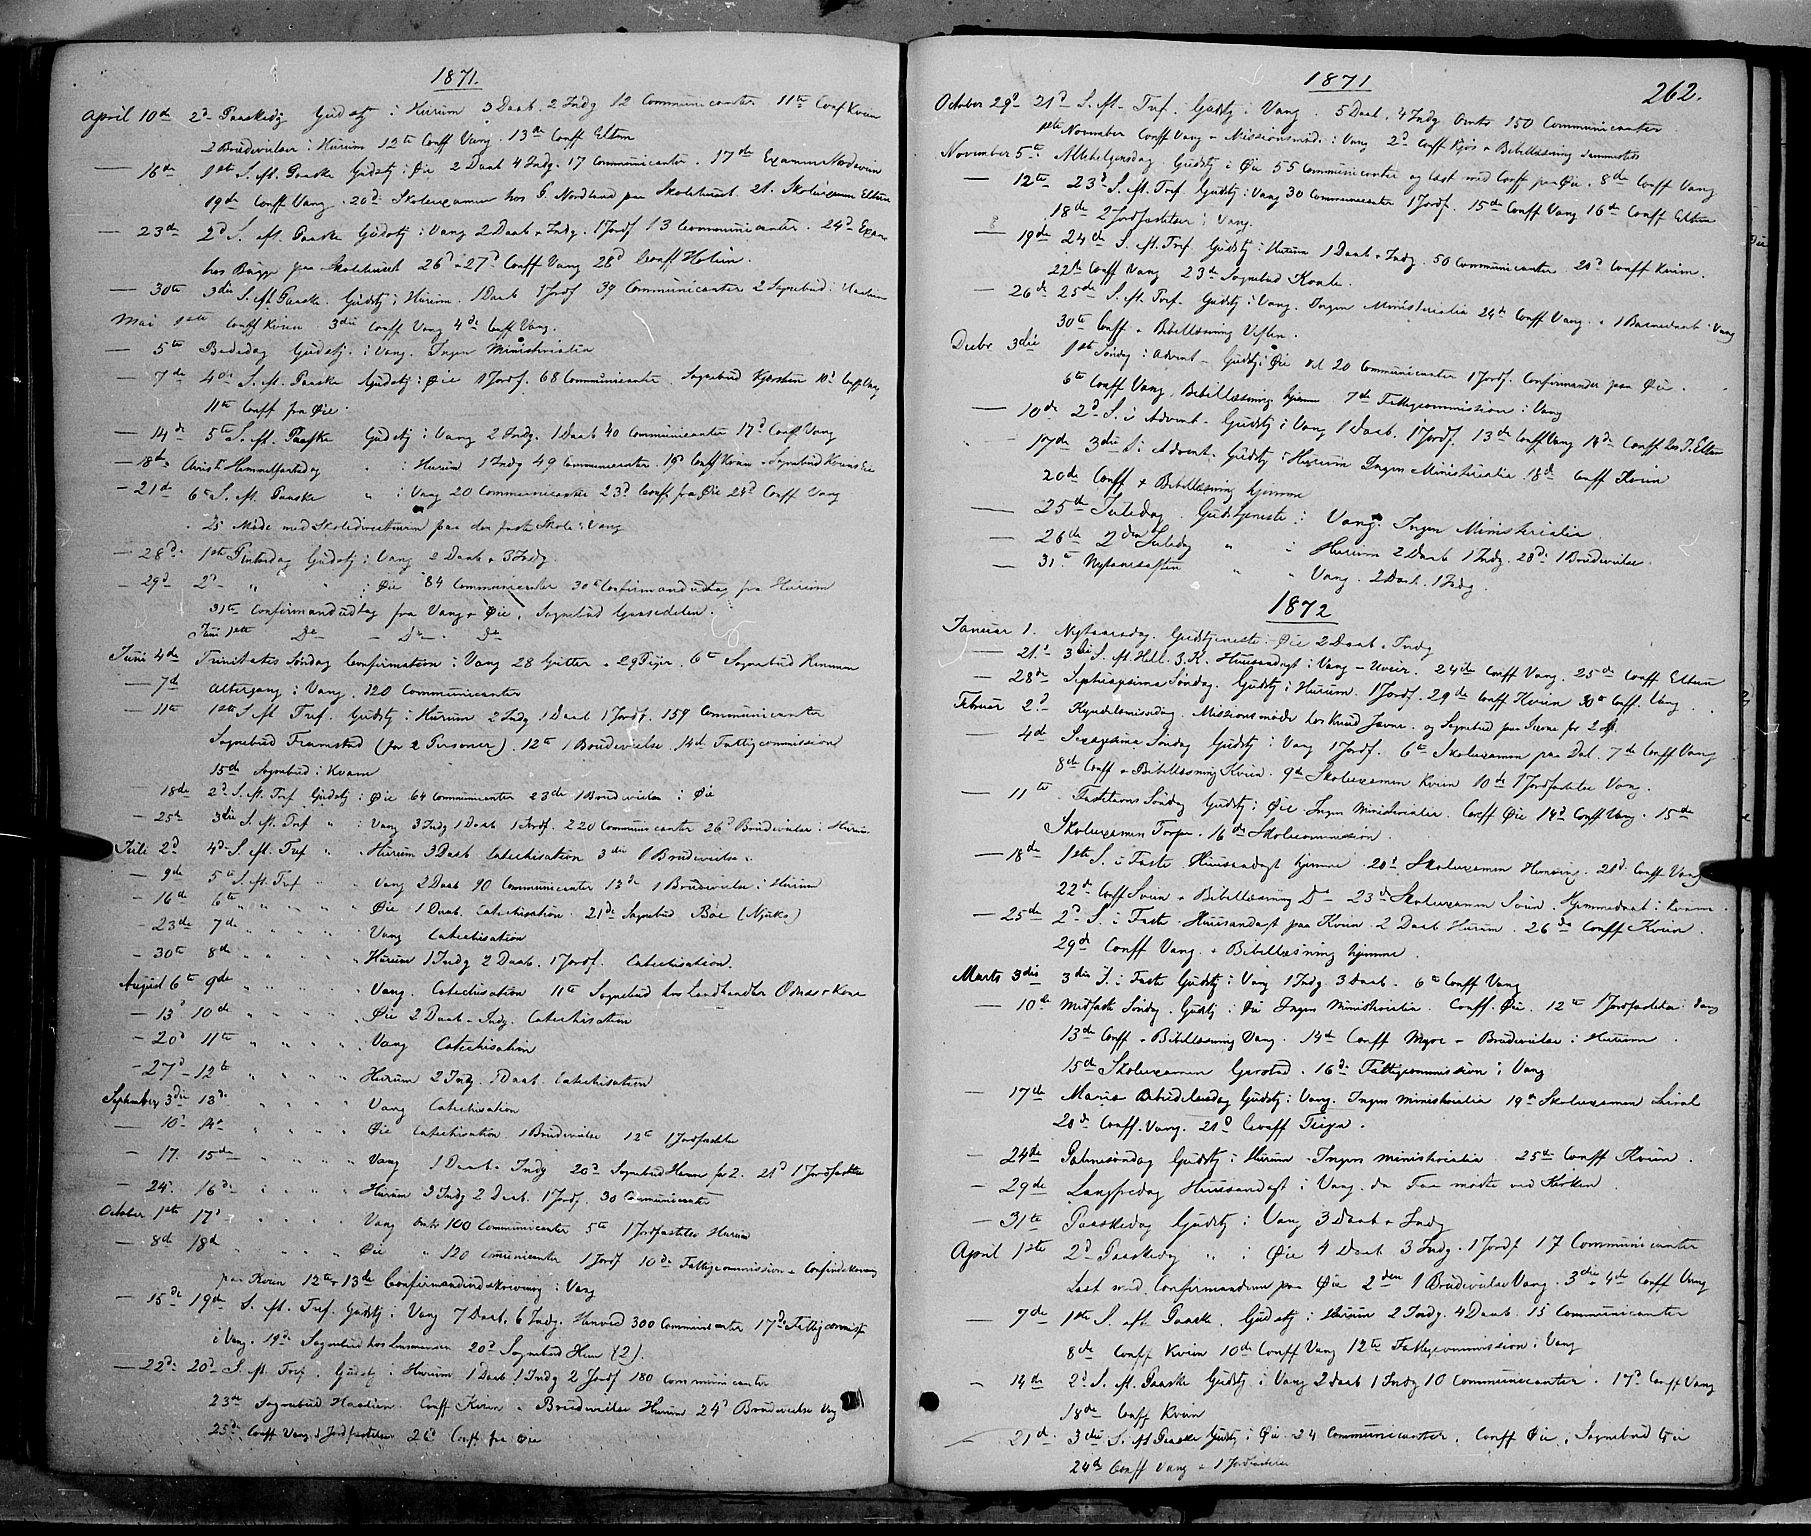 SAH, Vang prestekontor, Valdres, Ministerialbok nr. 7, 1865-1881, s. 262a